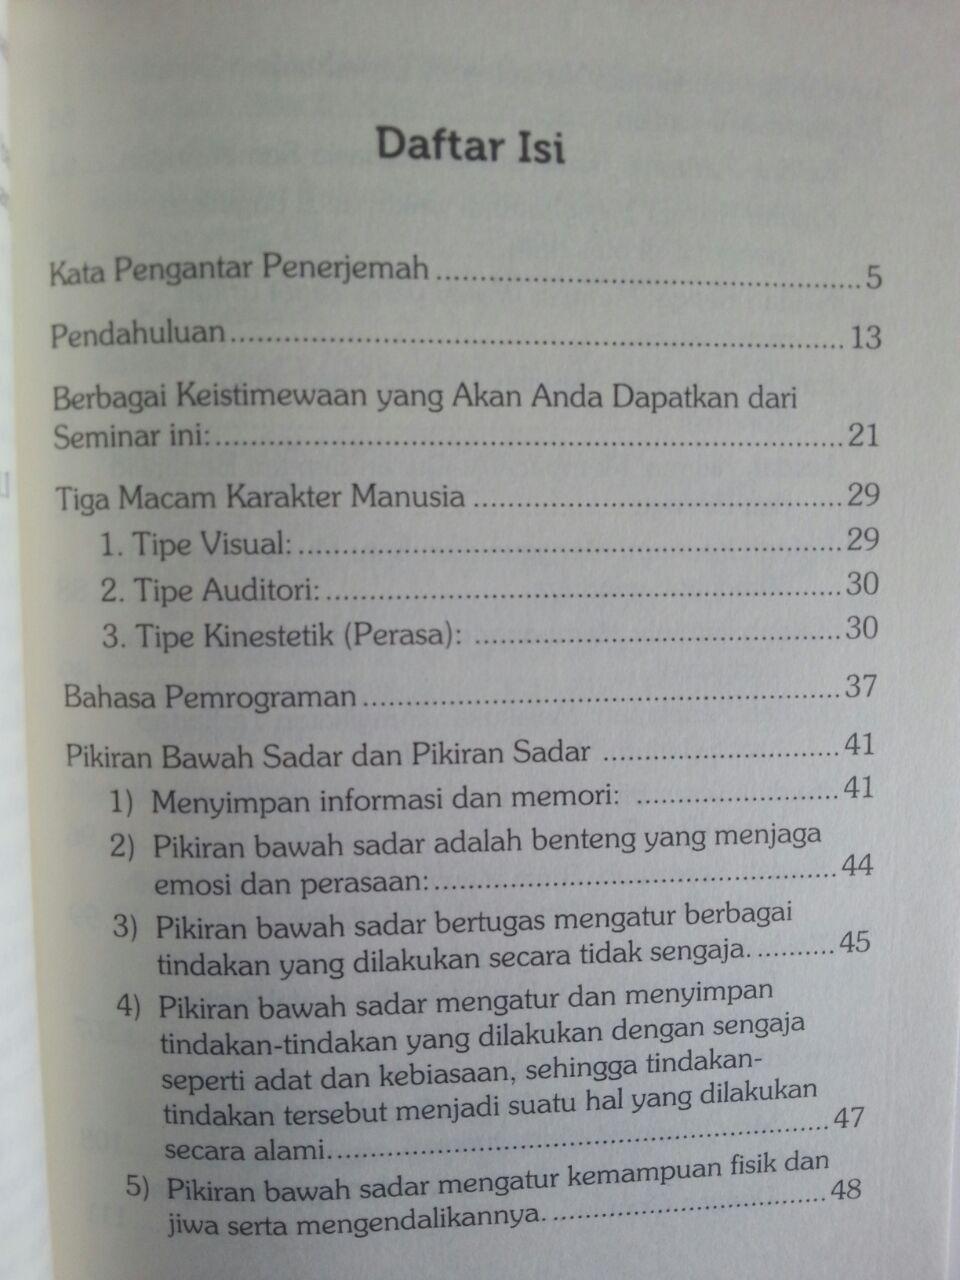 Buku Hafal Al-Qur'an Mutqin Dalam 55 Hari Metode LNP isi 2